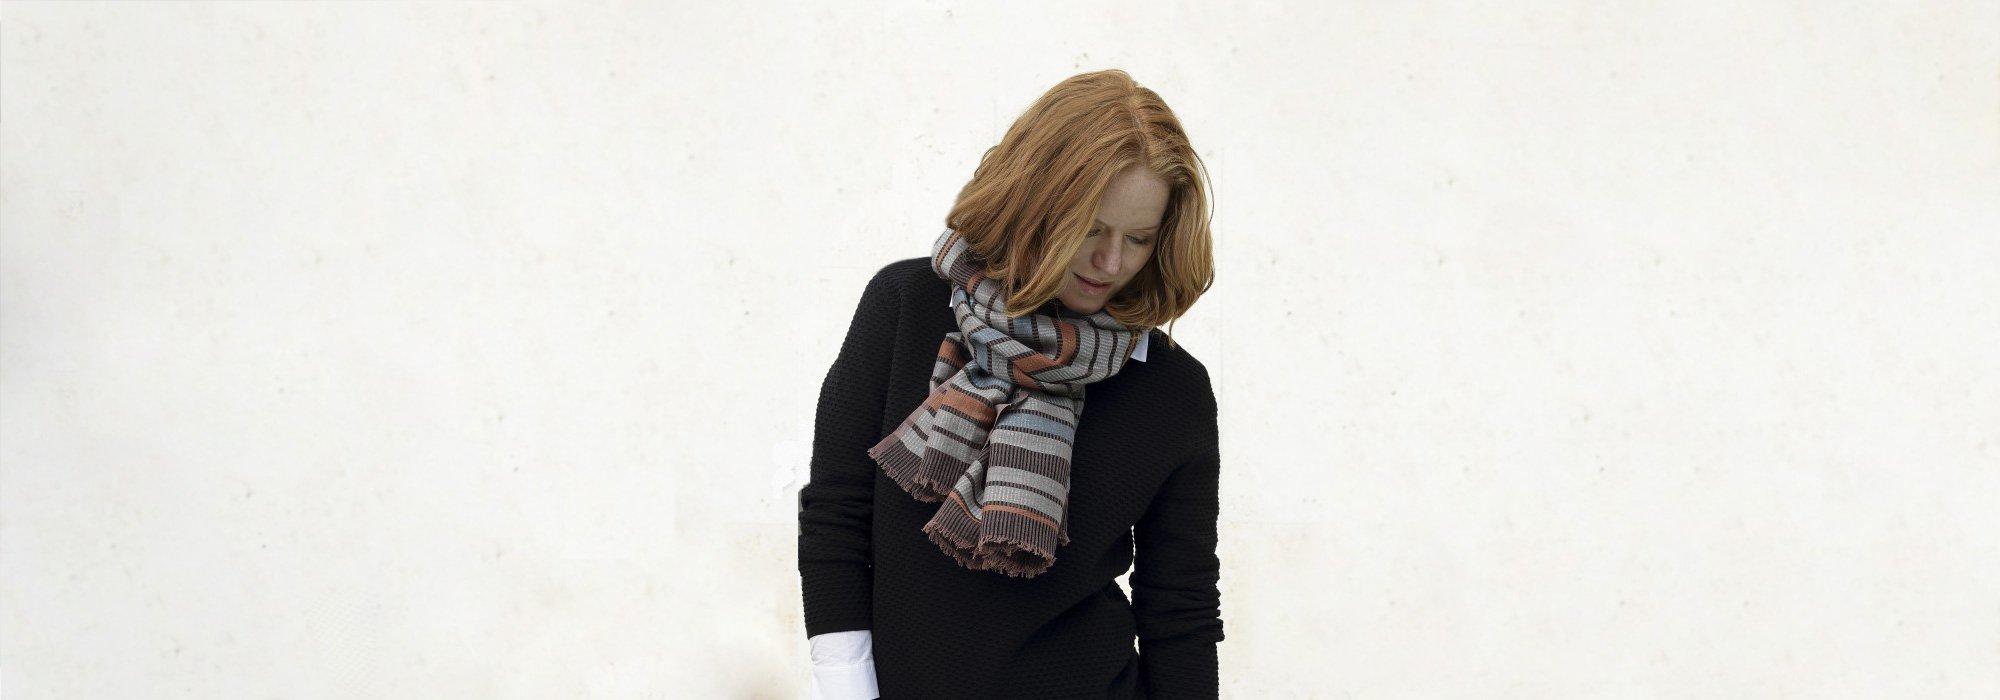 Det er et glasfuldt og smukt hørtørklæder. Det er et håndvævet tørklæde.  Hør er et naturmateriale, som er dejligt at bruge både sommer og vinter.